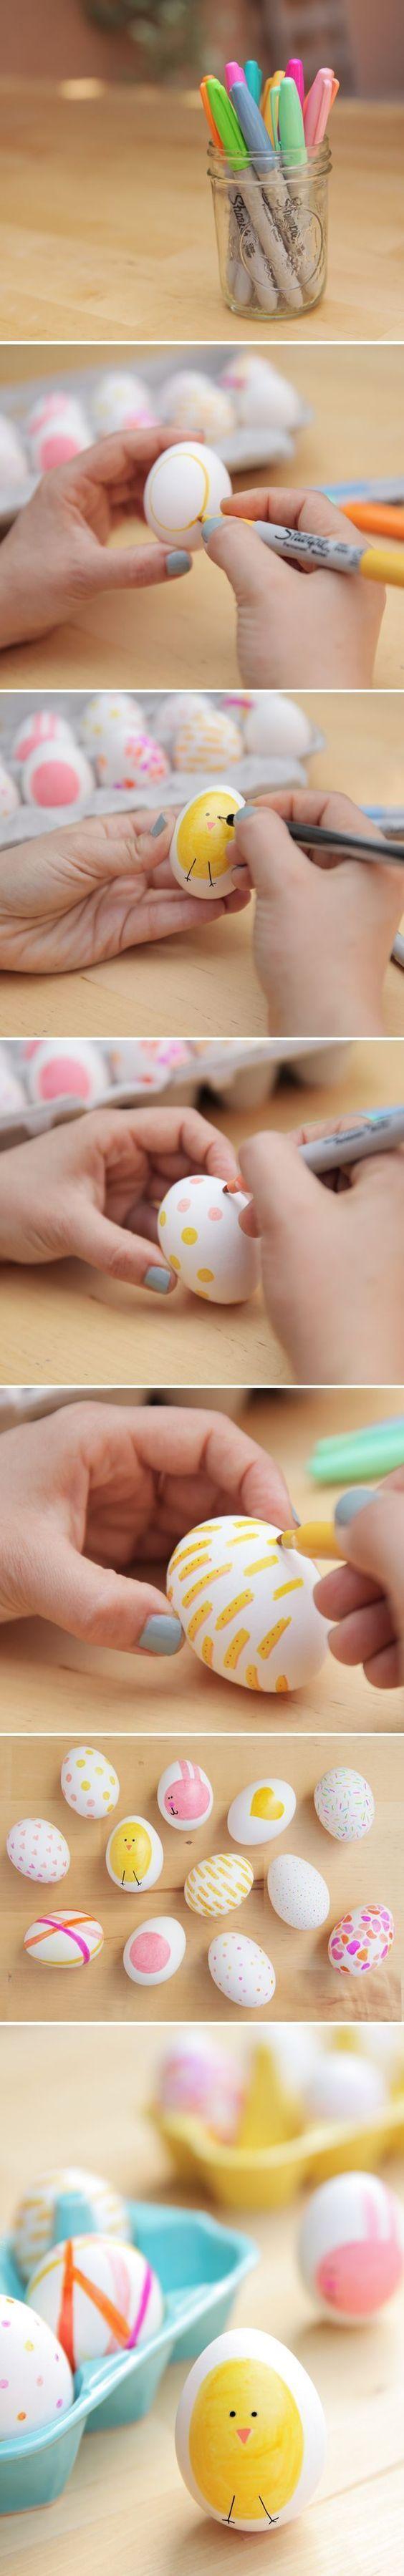 Пасхальные яйца ☆ схемы вышивок (59шт) и несколько идей. Обсуждение на LiveInternet - Российский Сервис Онлайн-Дневников